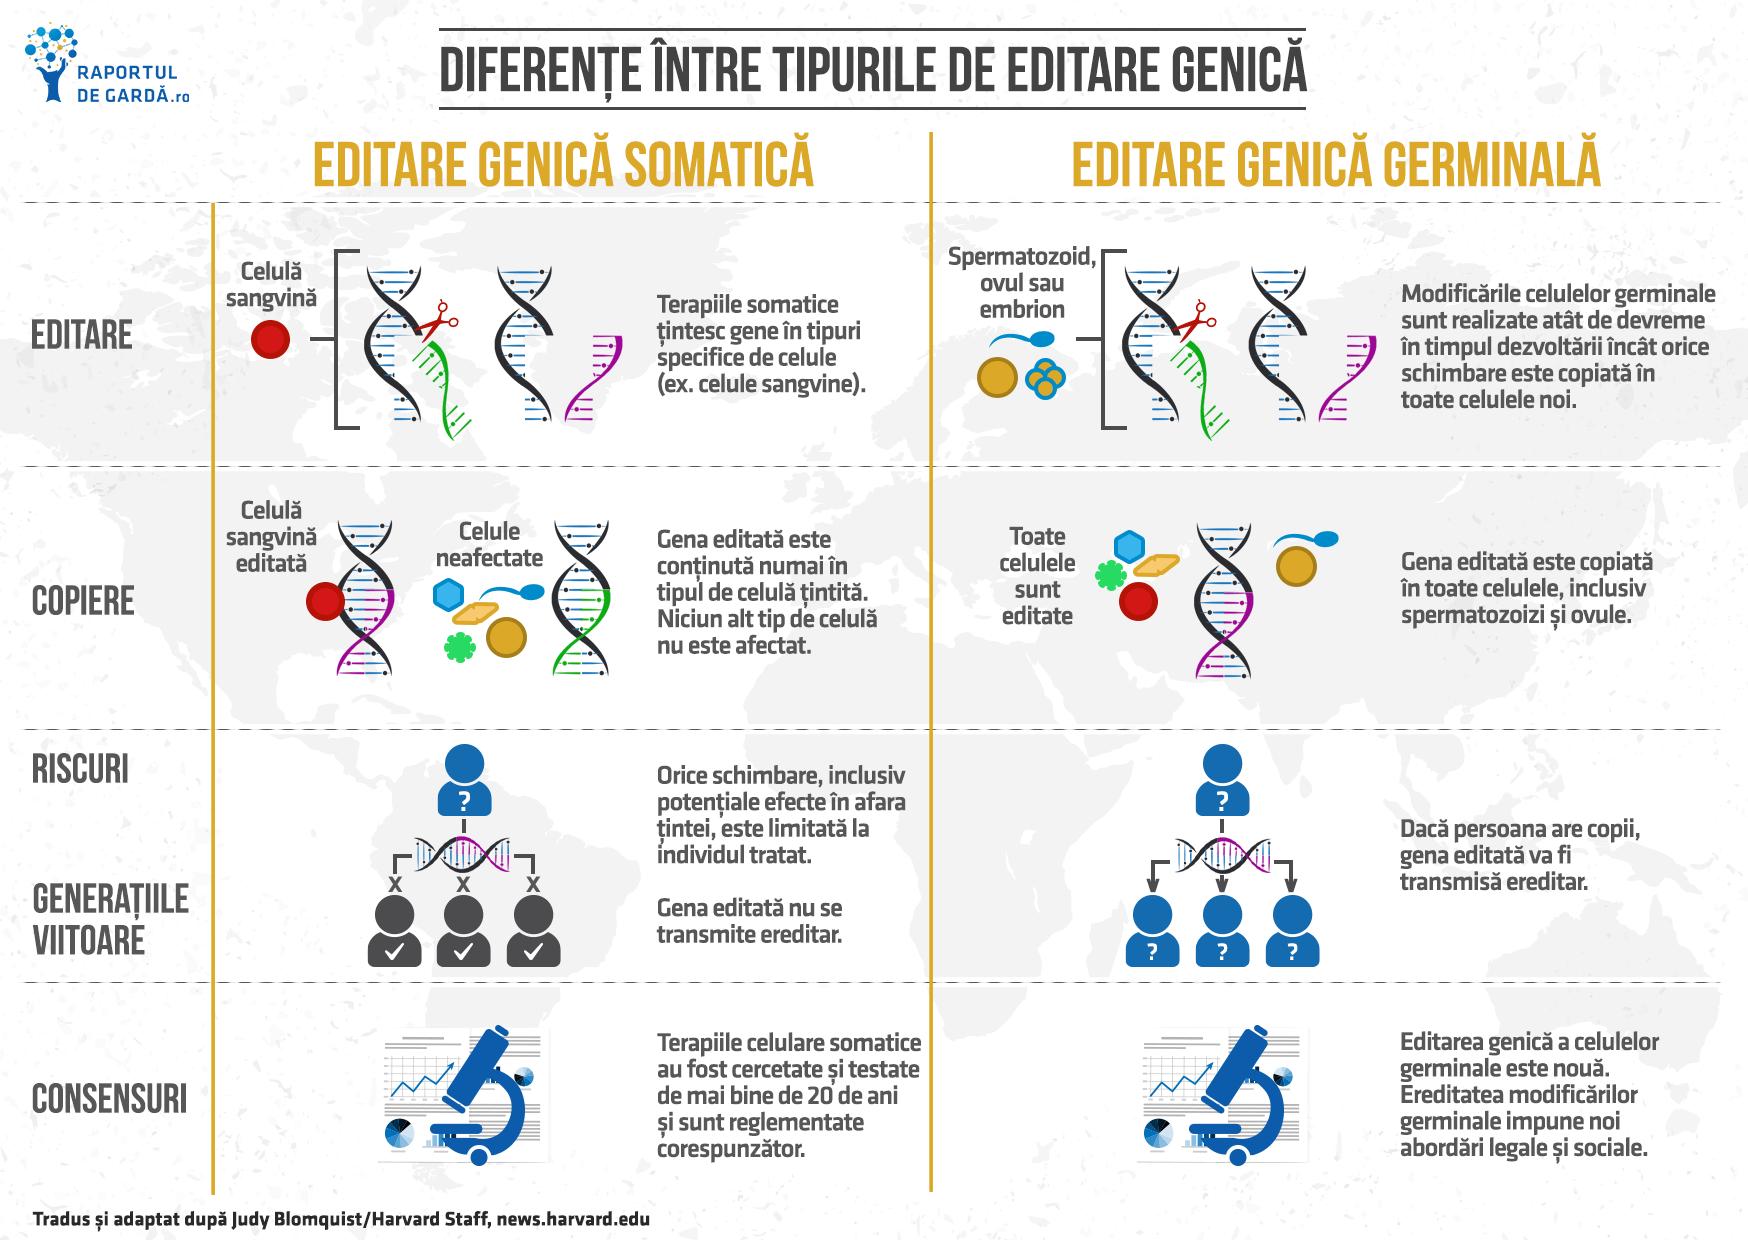 Diferențe între tipurile de editare genică